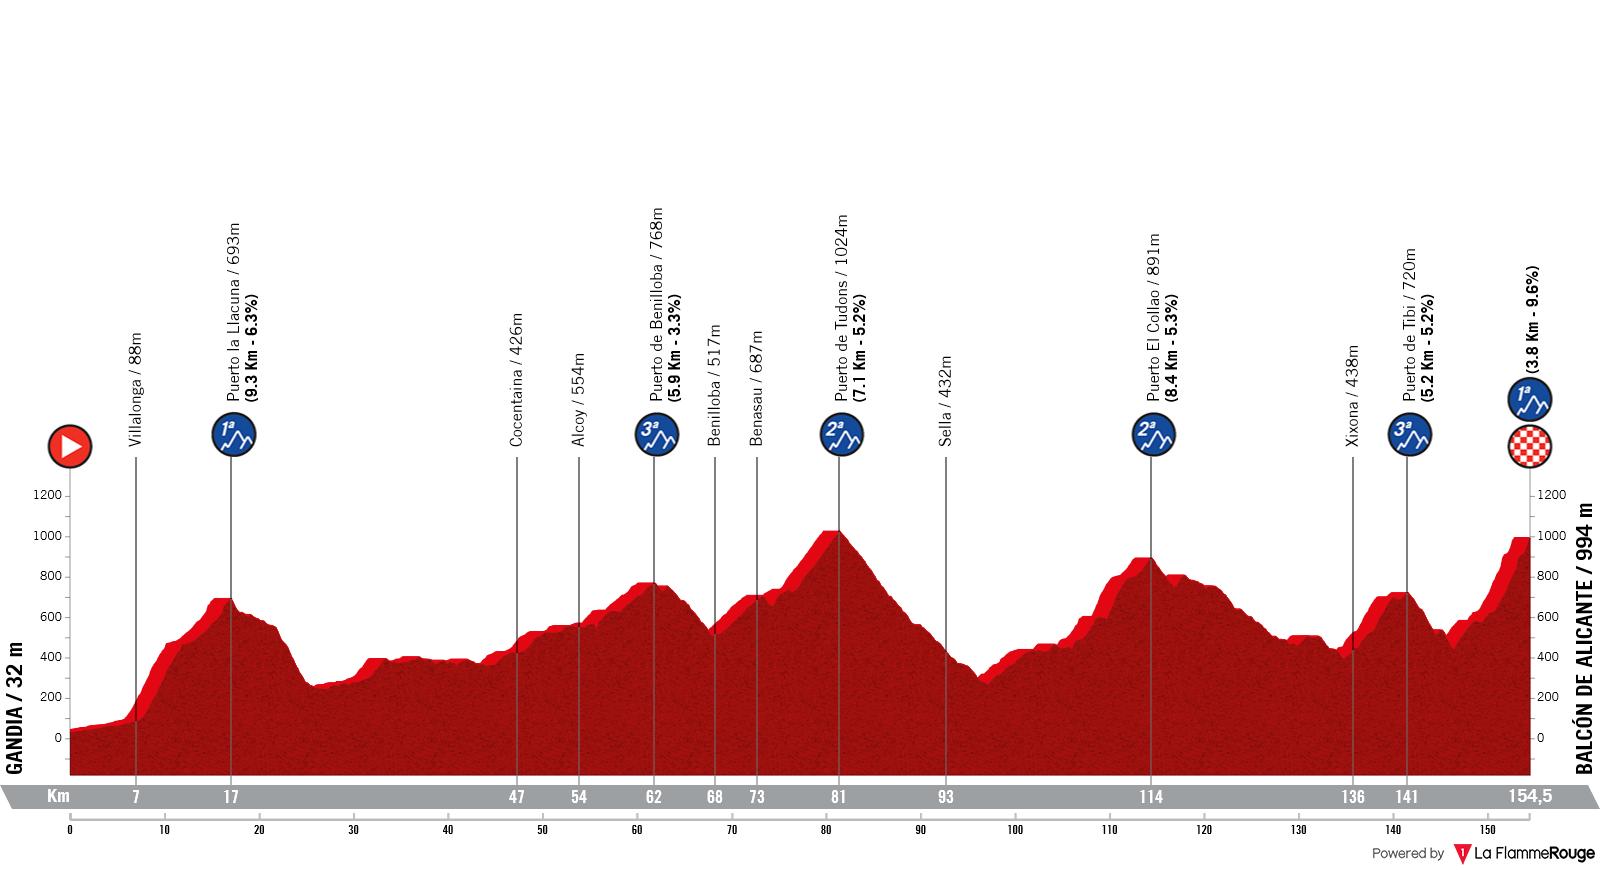 Etapa 7 - Vuelta España 2021 - Gandía Balcón de Alicante